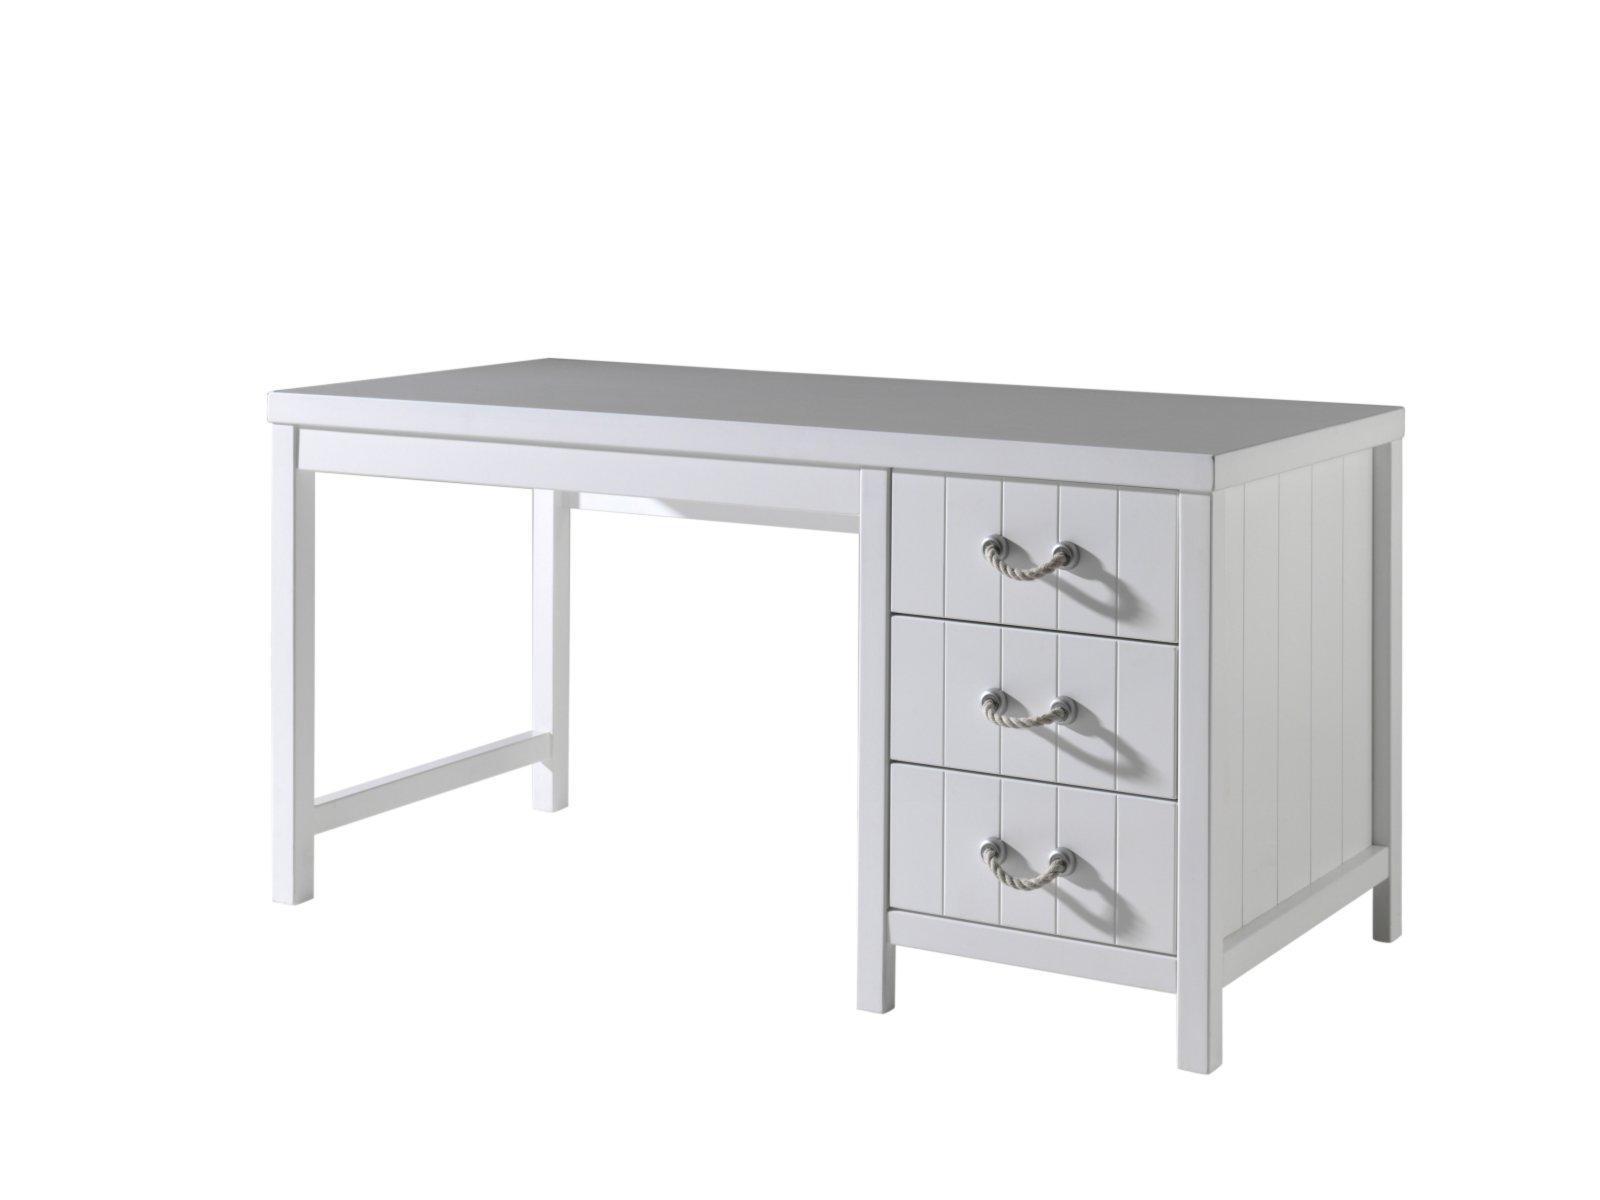 Schreibtisch lewis wei 150 cm for Schreibtisch 150